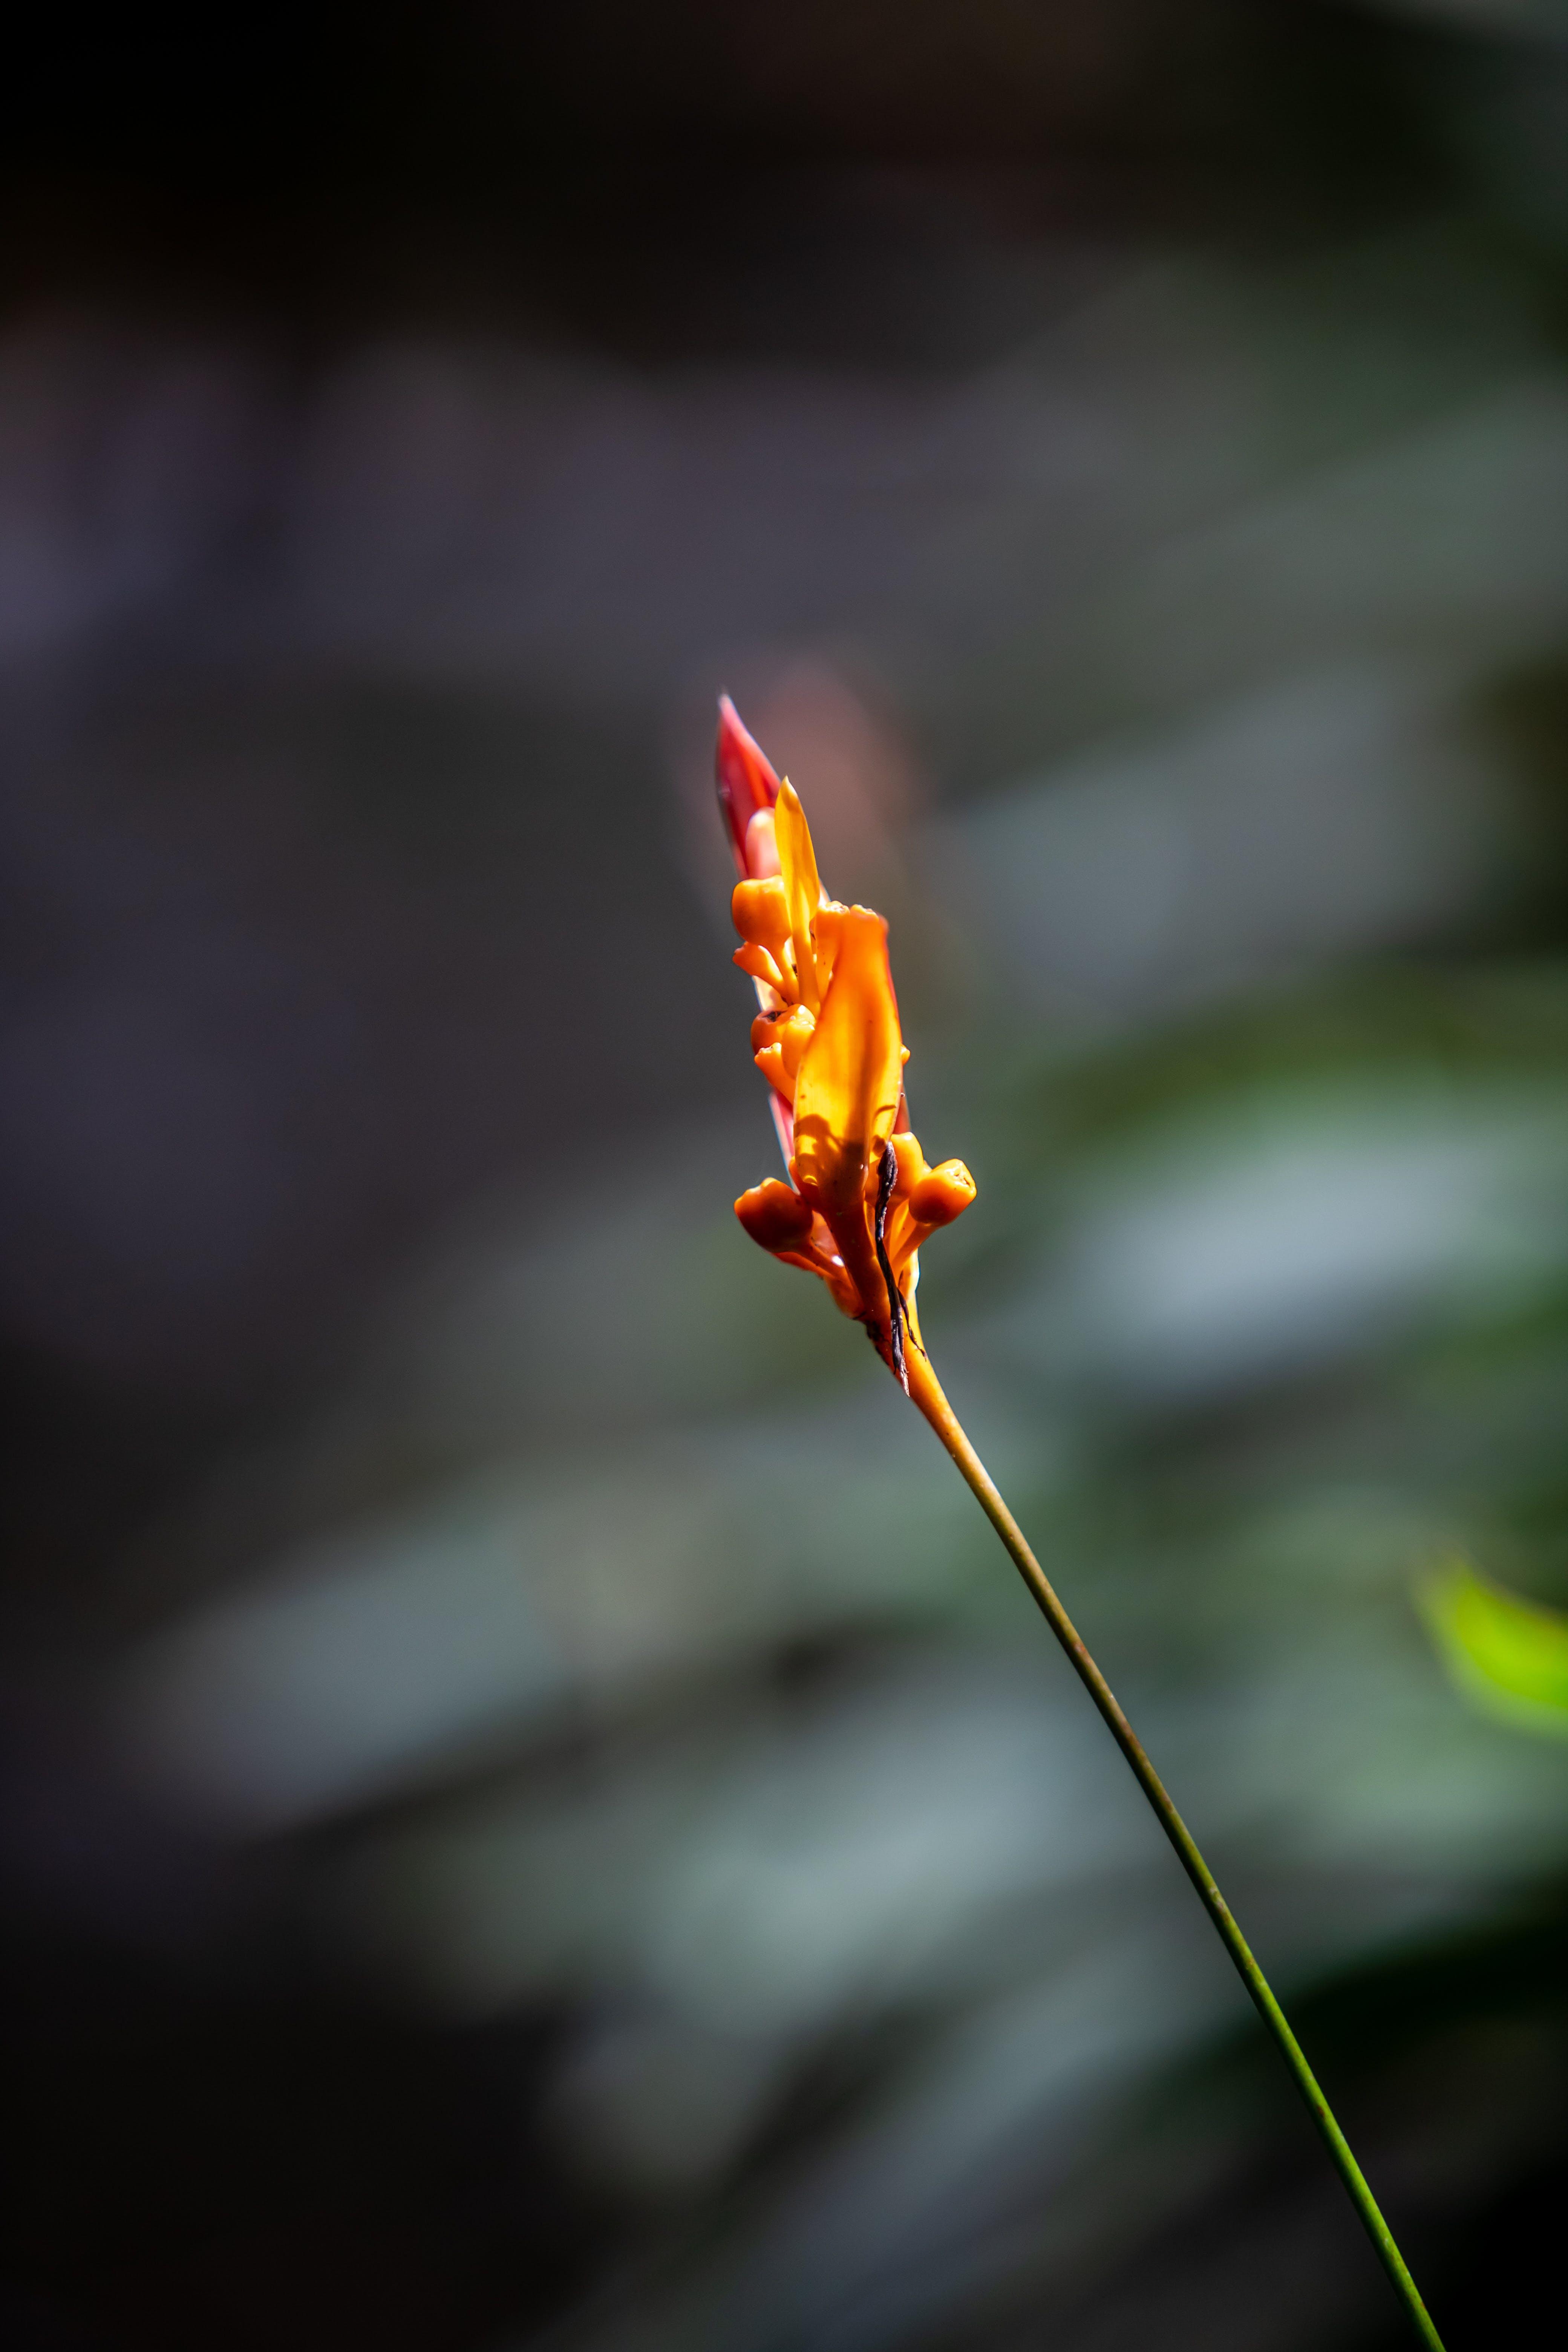 Gratis lagerfoto af blå blomst, blomkål, blomst, blomster